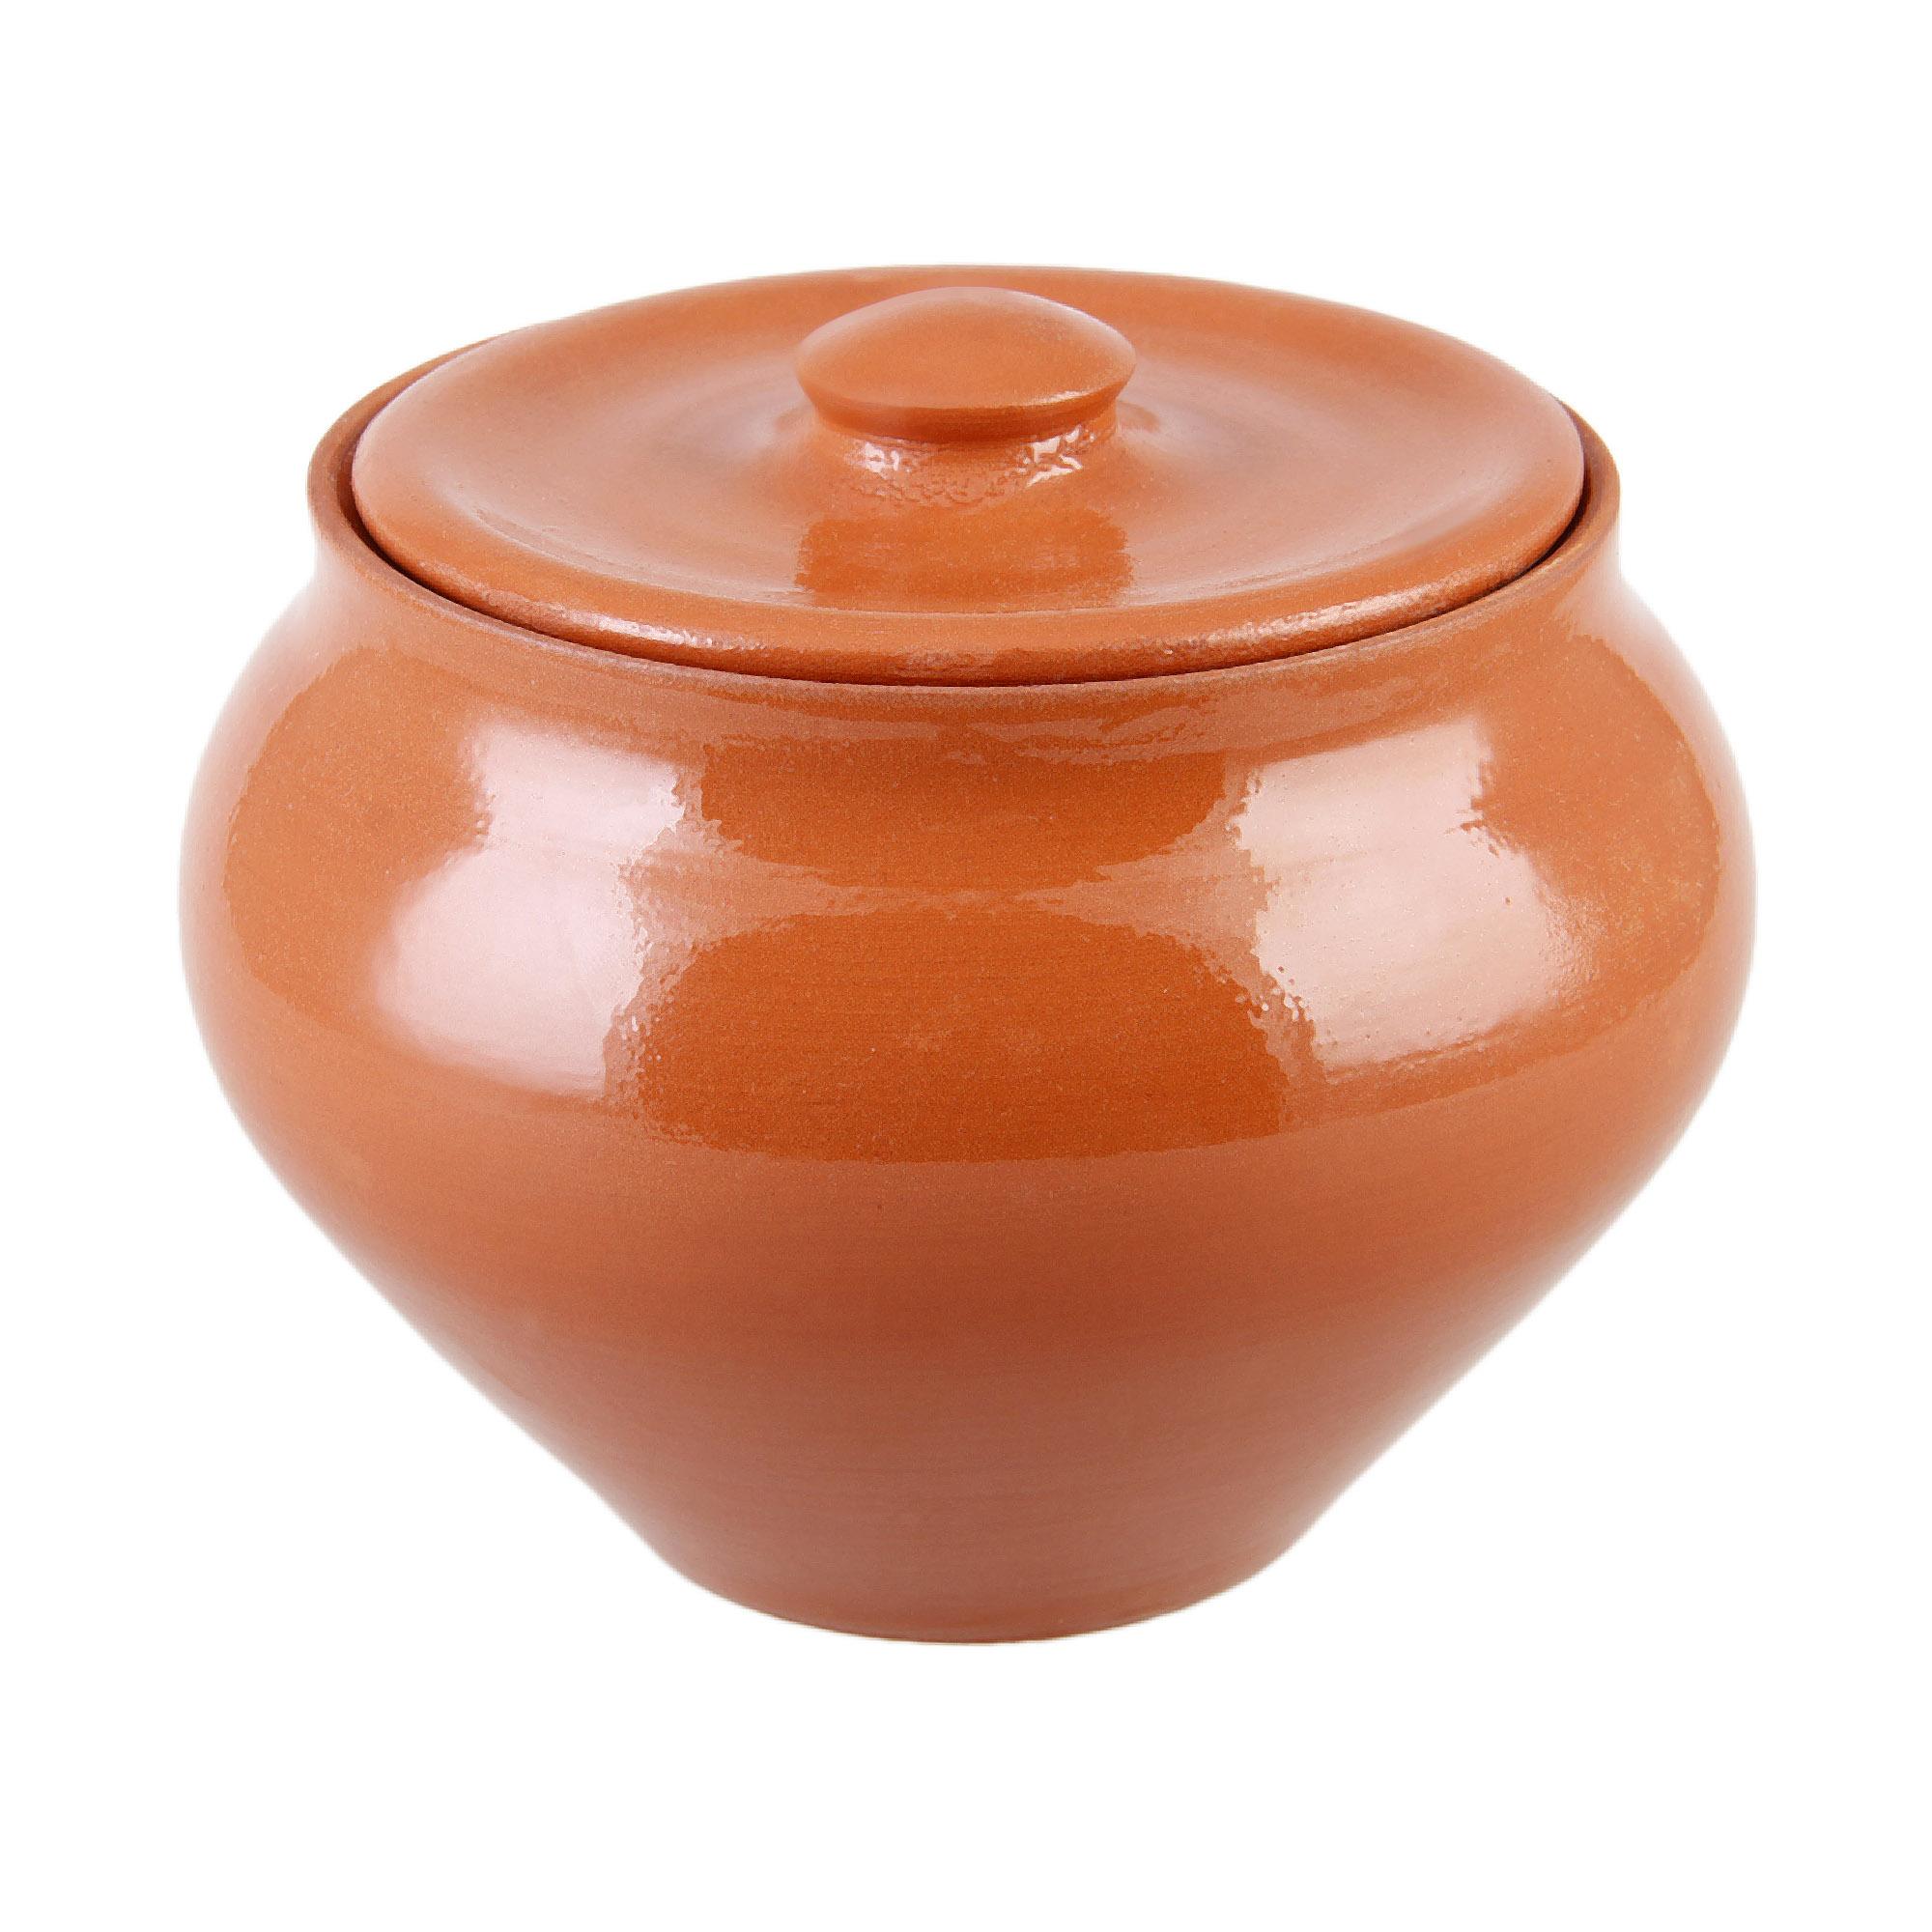 Фото - Горшок пищевой 0.9 л. Вятская керамика набор керамических горшков 3 предмета вятская керамика нбр вк 1 3